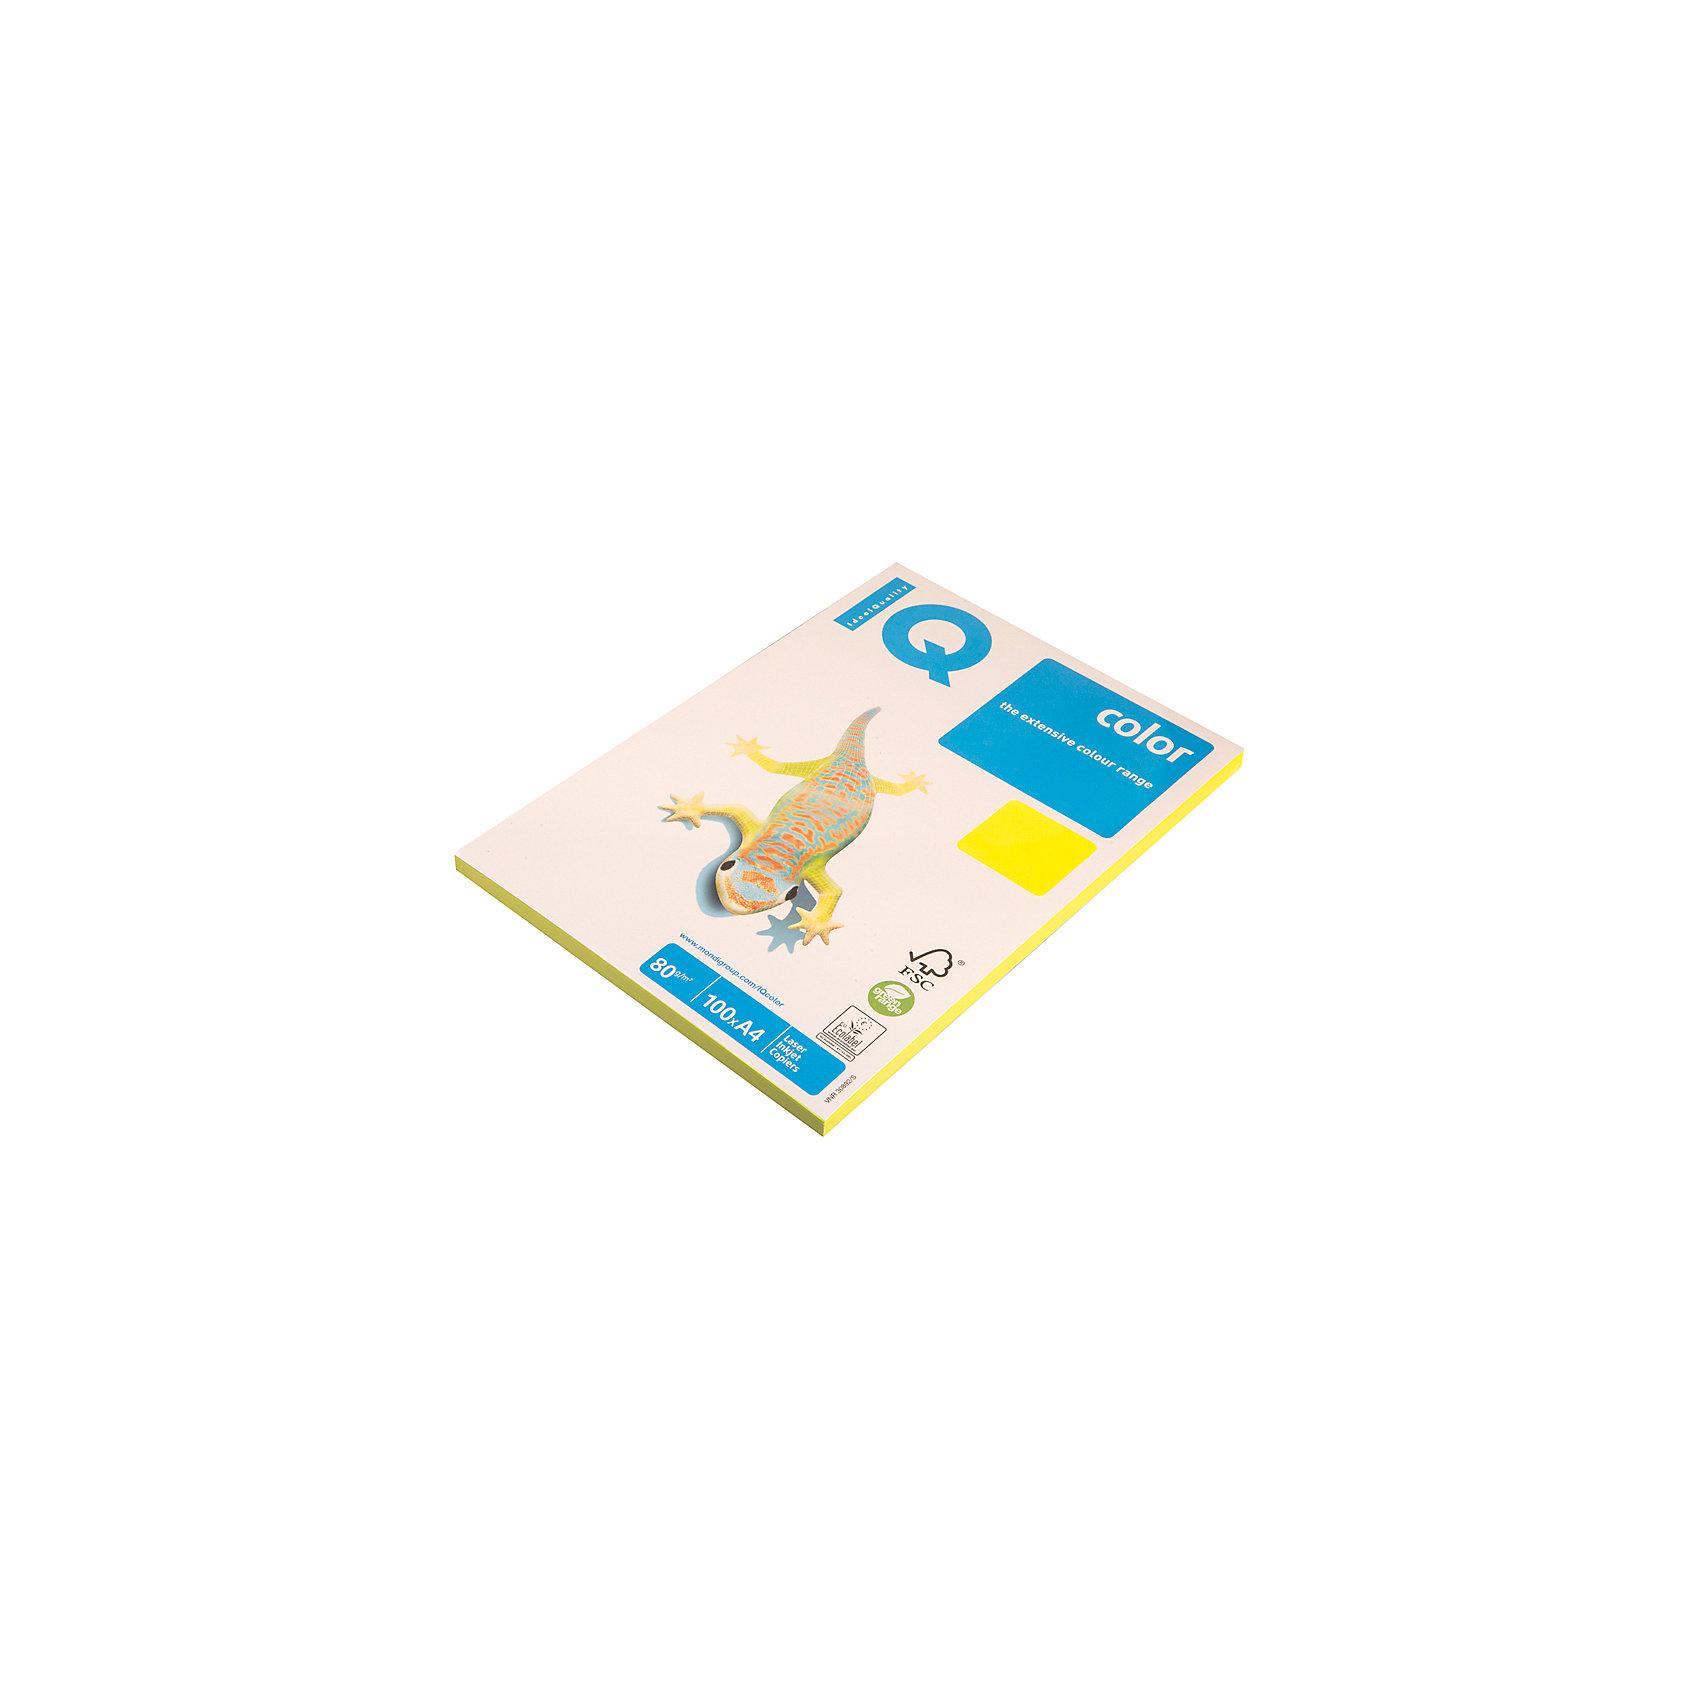 Бумага IQ Color neon А4 100 листов IQ, жёлтый неонБумажная продукция<br>Плотность бумаги: 80 <br>Формат : A4<br>Количество листов: 100<br>Цвет: желтый<br>Насыщенность цвета: неоновый<br>Толщина: 103<br>Непрозрачность: 92<br>Количество цветов в пачке: 1<br>Количество пачек в коробке: 22<br>Бумага форматная цветная, А4. Класс А+, упаковка 100 листов. Плотность бумаги 80 г/м?, яркость 104%. Насыщенный цвет.<br><br>Ширина мм: 280<br>Глубина мм: 220<br>Высота мм: 15<br>Вес г: 545<br>Возраст от месяцев: 60<br>Возраст до месяцев: 2147483647<br>Пол: Унисекс<br>Возраст: Детский<br>SKU: 7044306